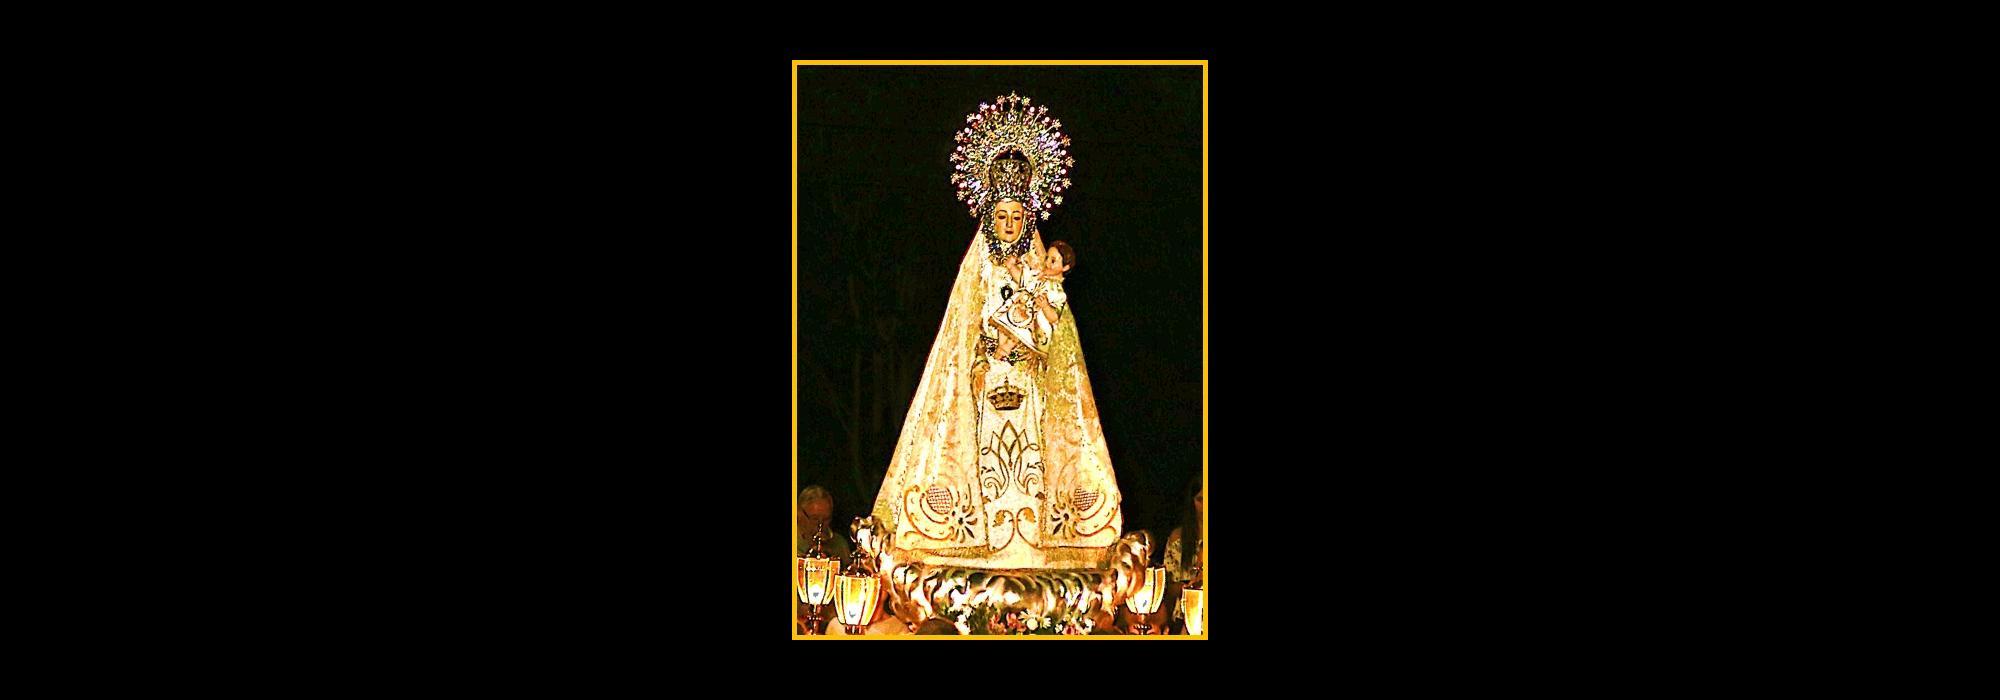 Virgen del Destierro - Patrona de Santa María de Huerta